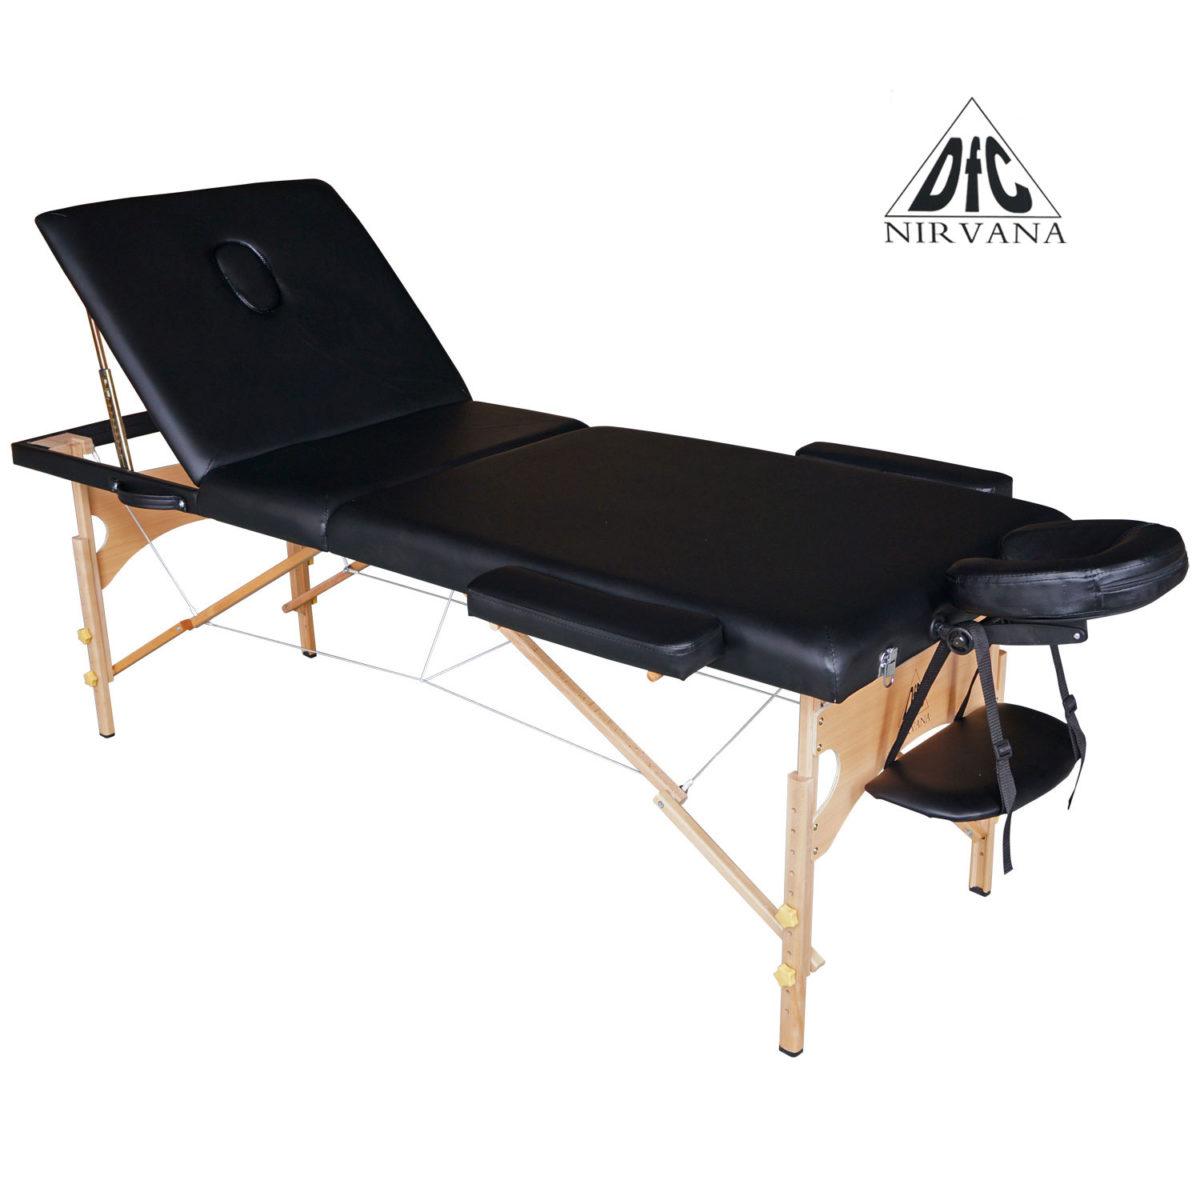 DFC NIRVANA Relax Pro Массажный стол, 3-х секционный TS3021_B1 - 1